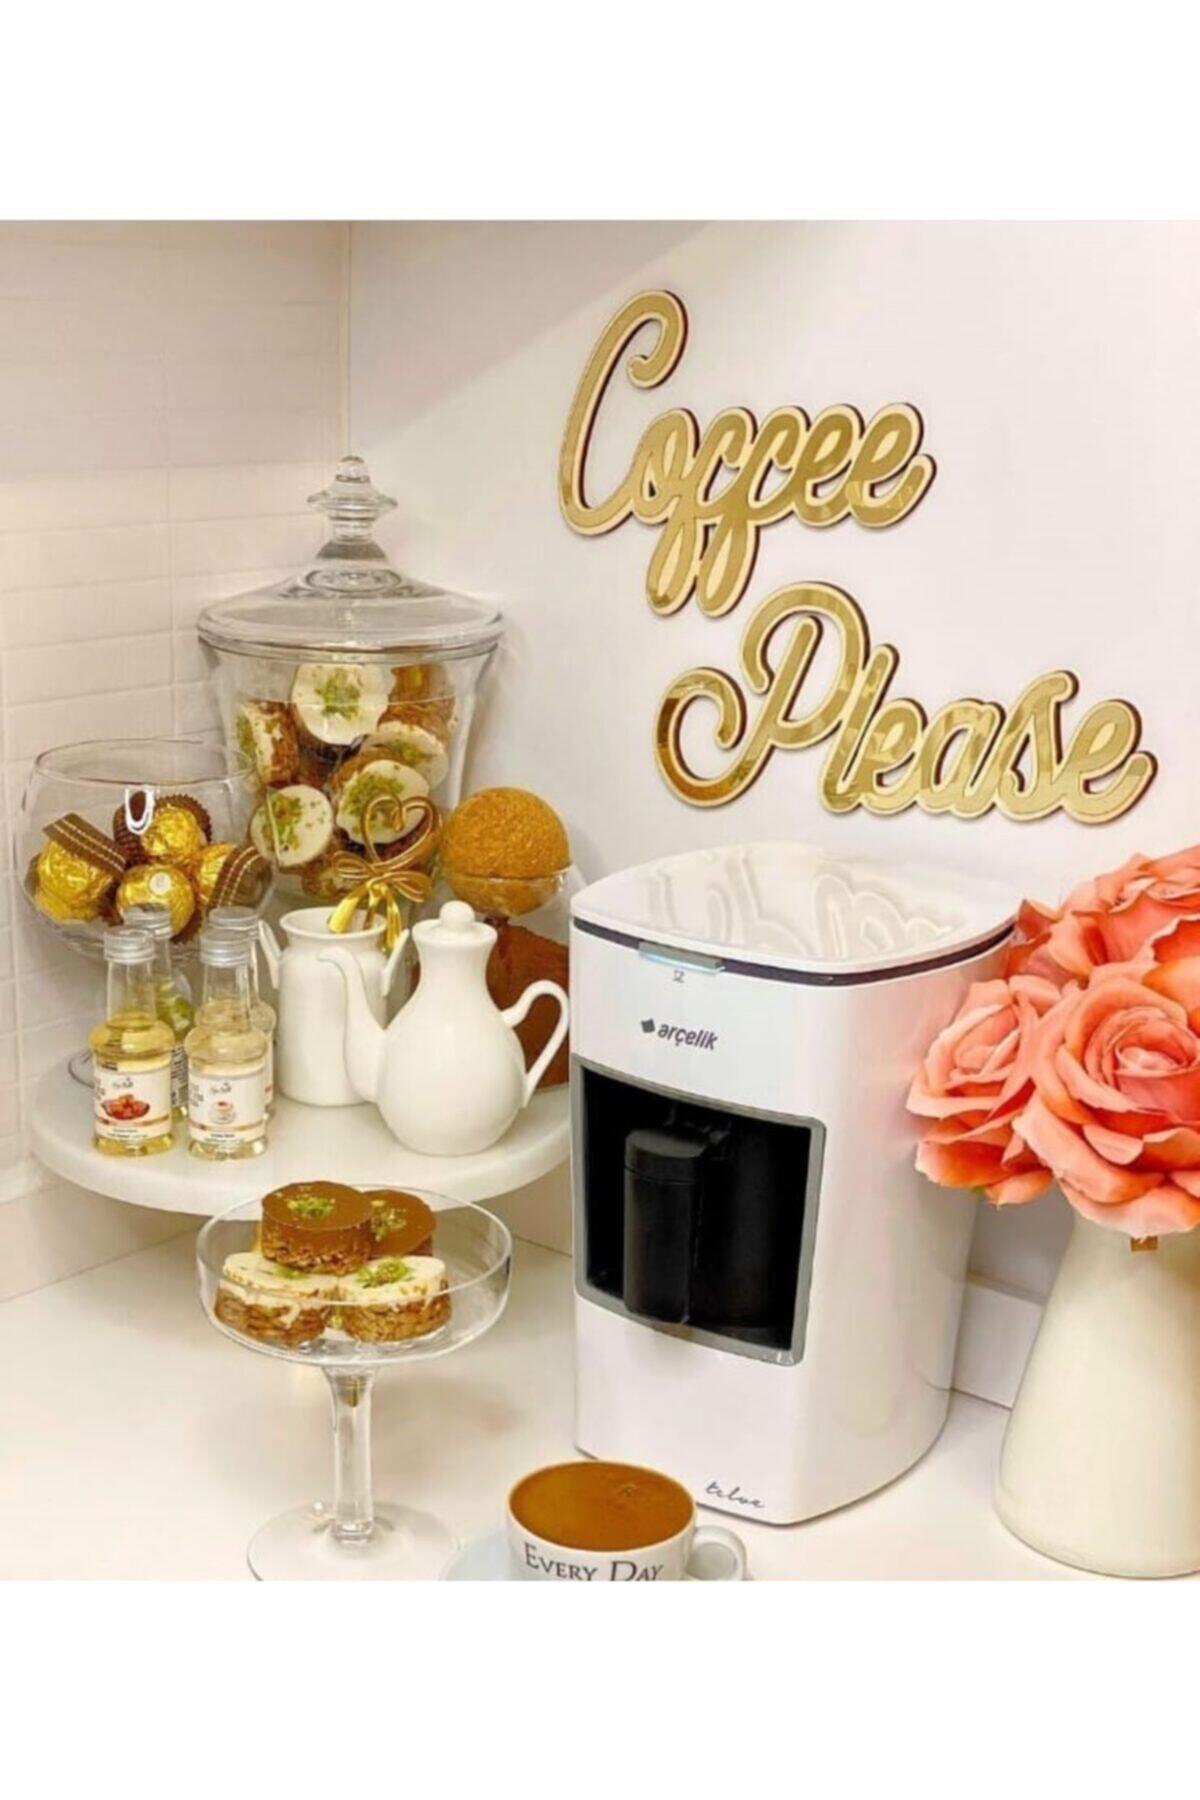 Coffee Please Aynalı Gold Pleksi Duvar Yazısı Mutfak Dekoru